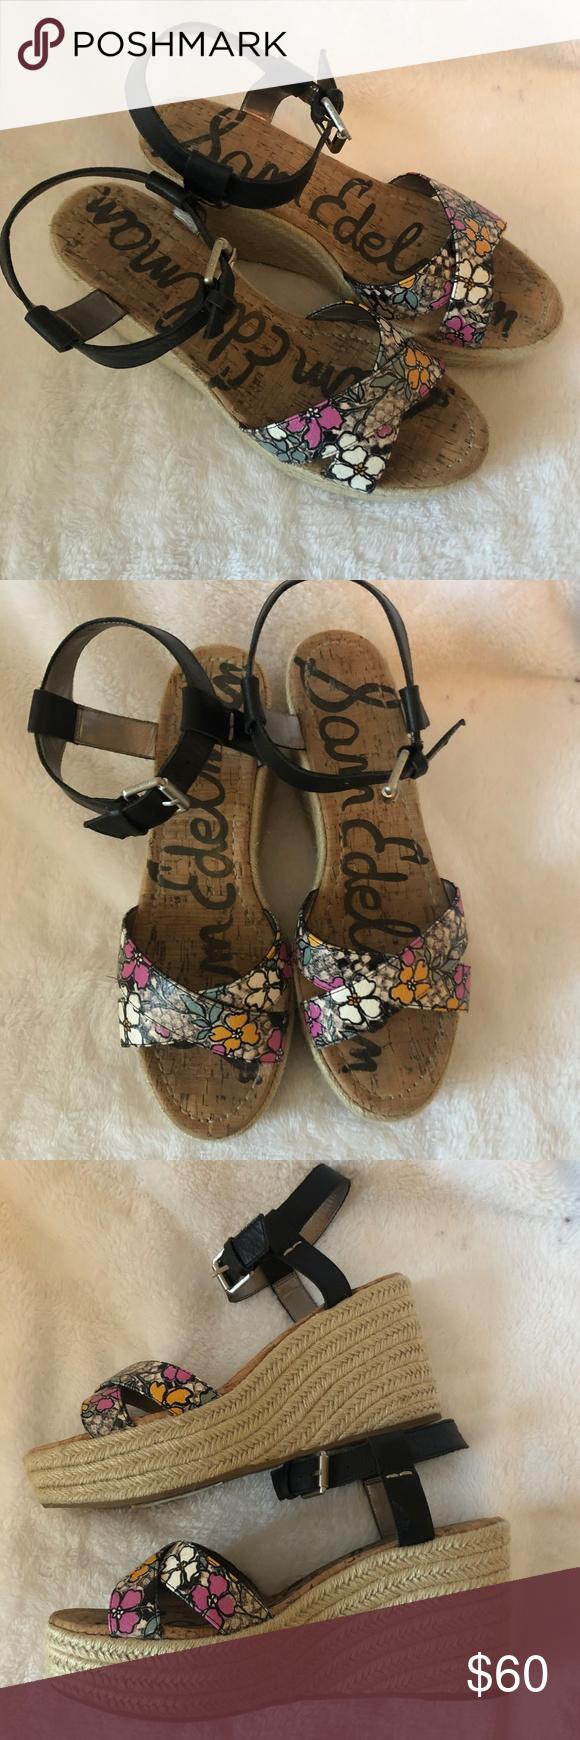 284b758a67e9c NWT Sam Edelman Destin Espadrille Wedge Sandals NEW Sam Edelman Destin  Espadrille Wedge Sandals Shoes size